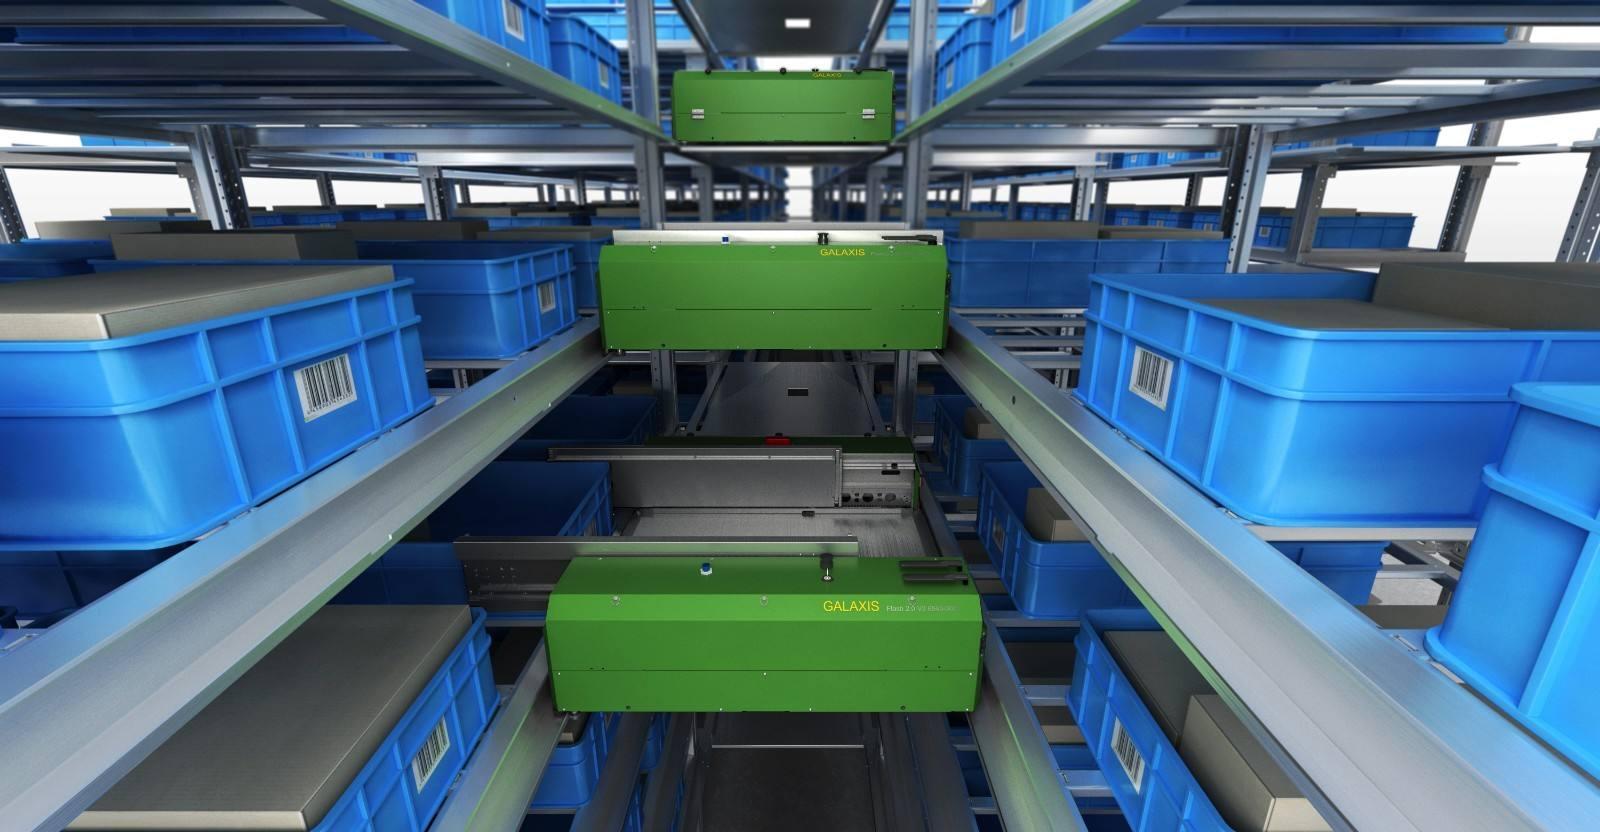 高端物流服务商凯乐士科技获数亿元投资